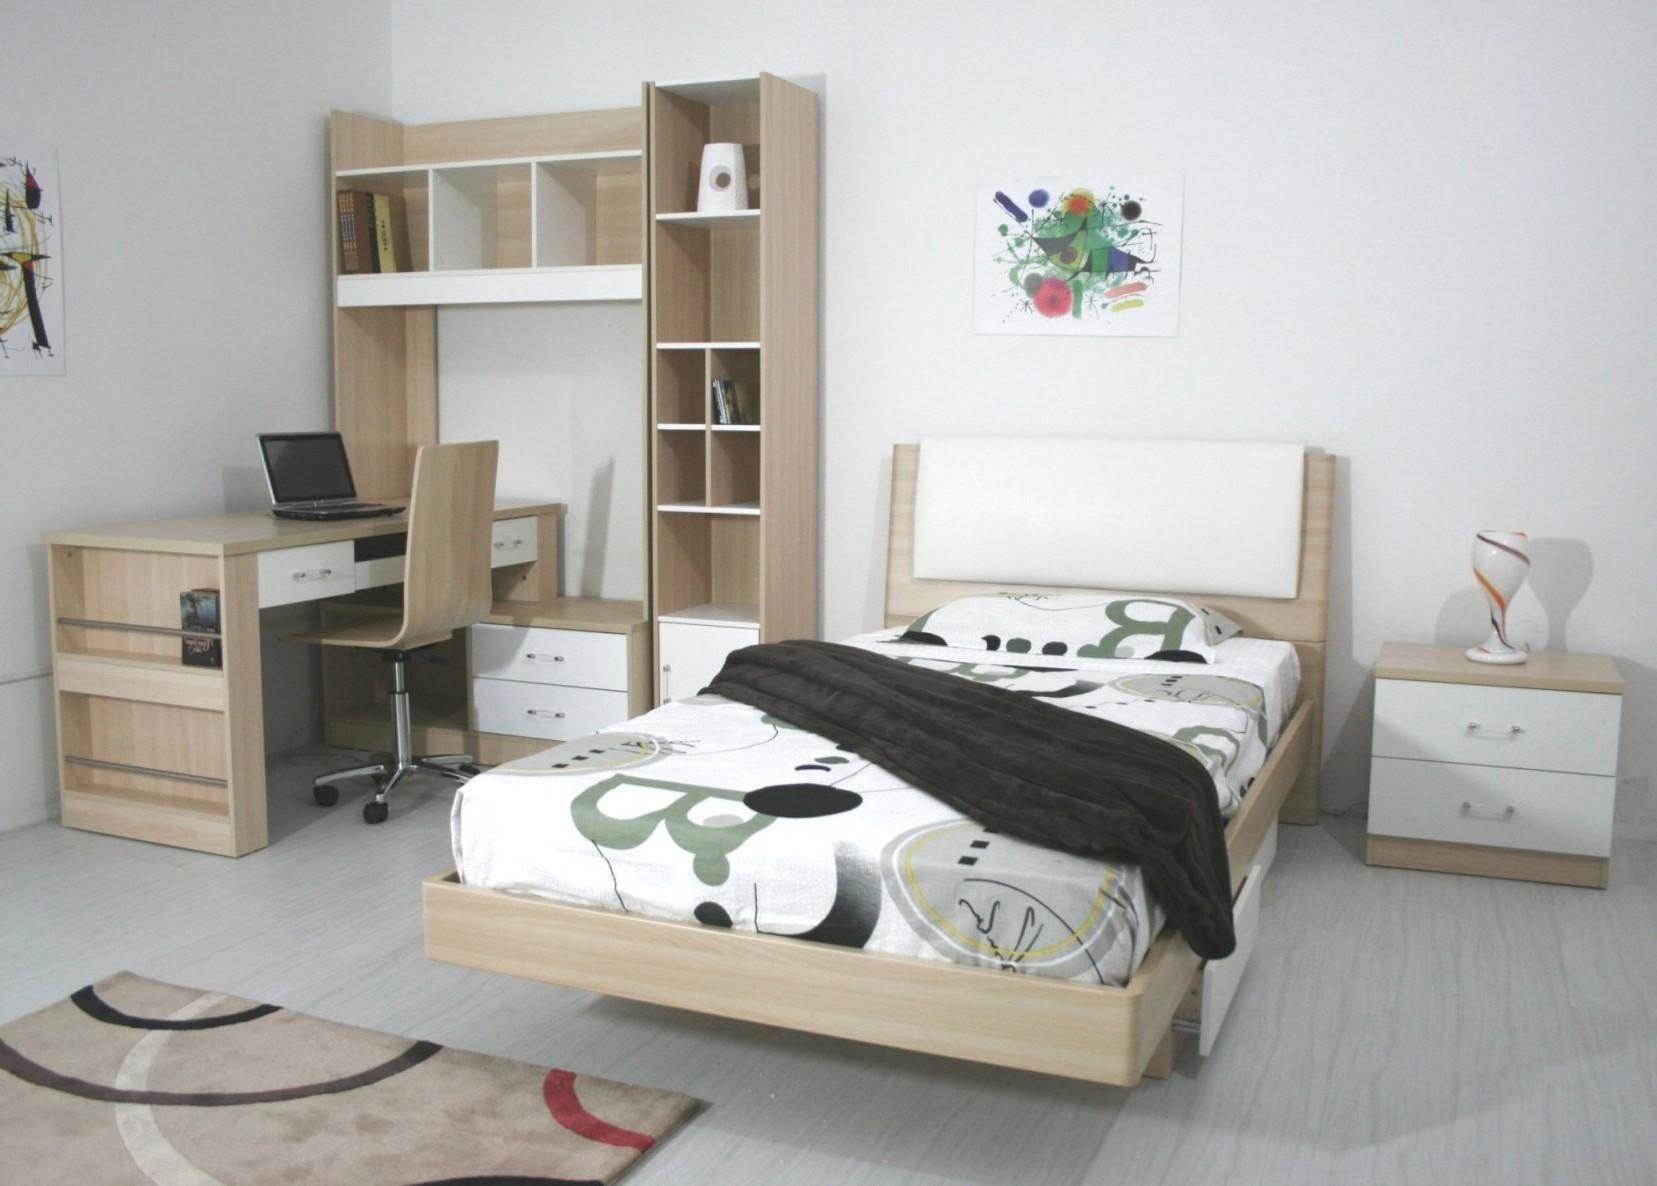 Chambre coucher adolescent chambre id es de for Chambre adolescent